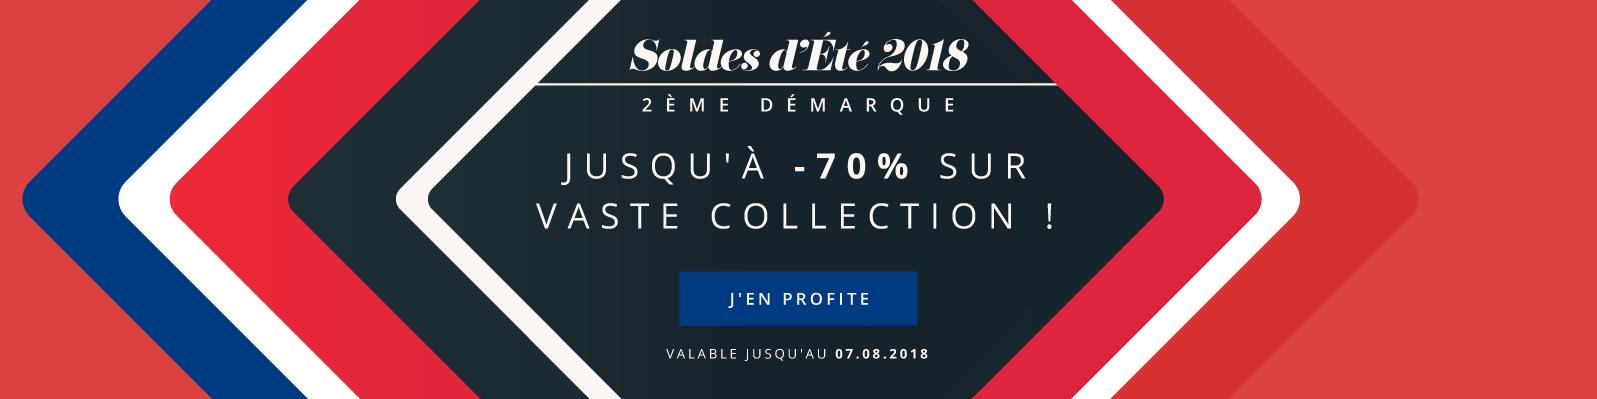 Soldes d'Été 2018 - 2ème Démarque - Jusqu'à -70% sur Vaste Collection ! Valable jusqu'au 07.08.2018